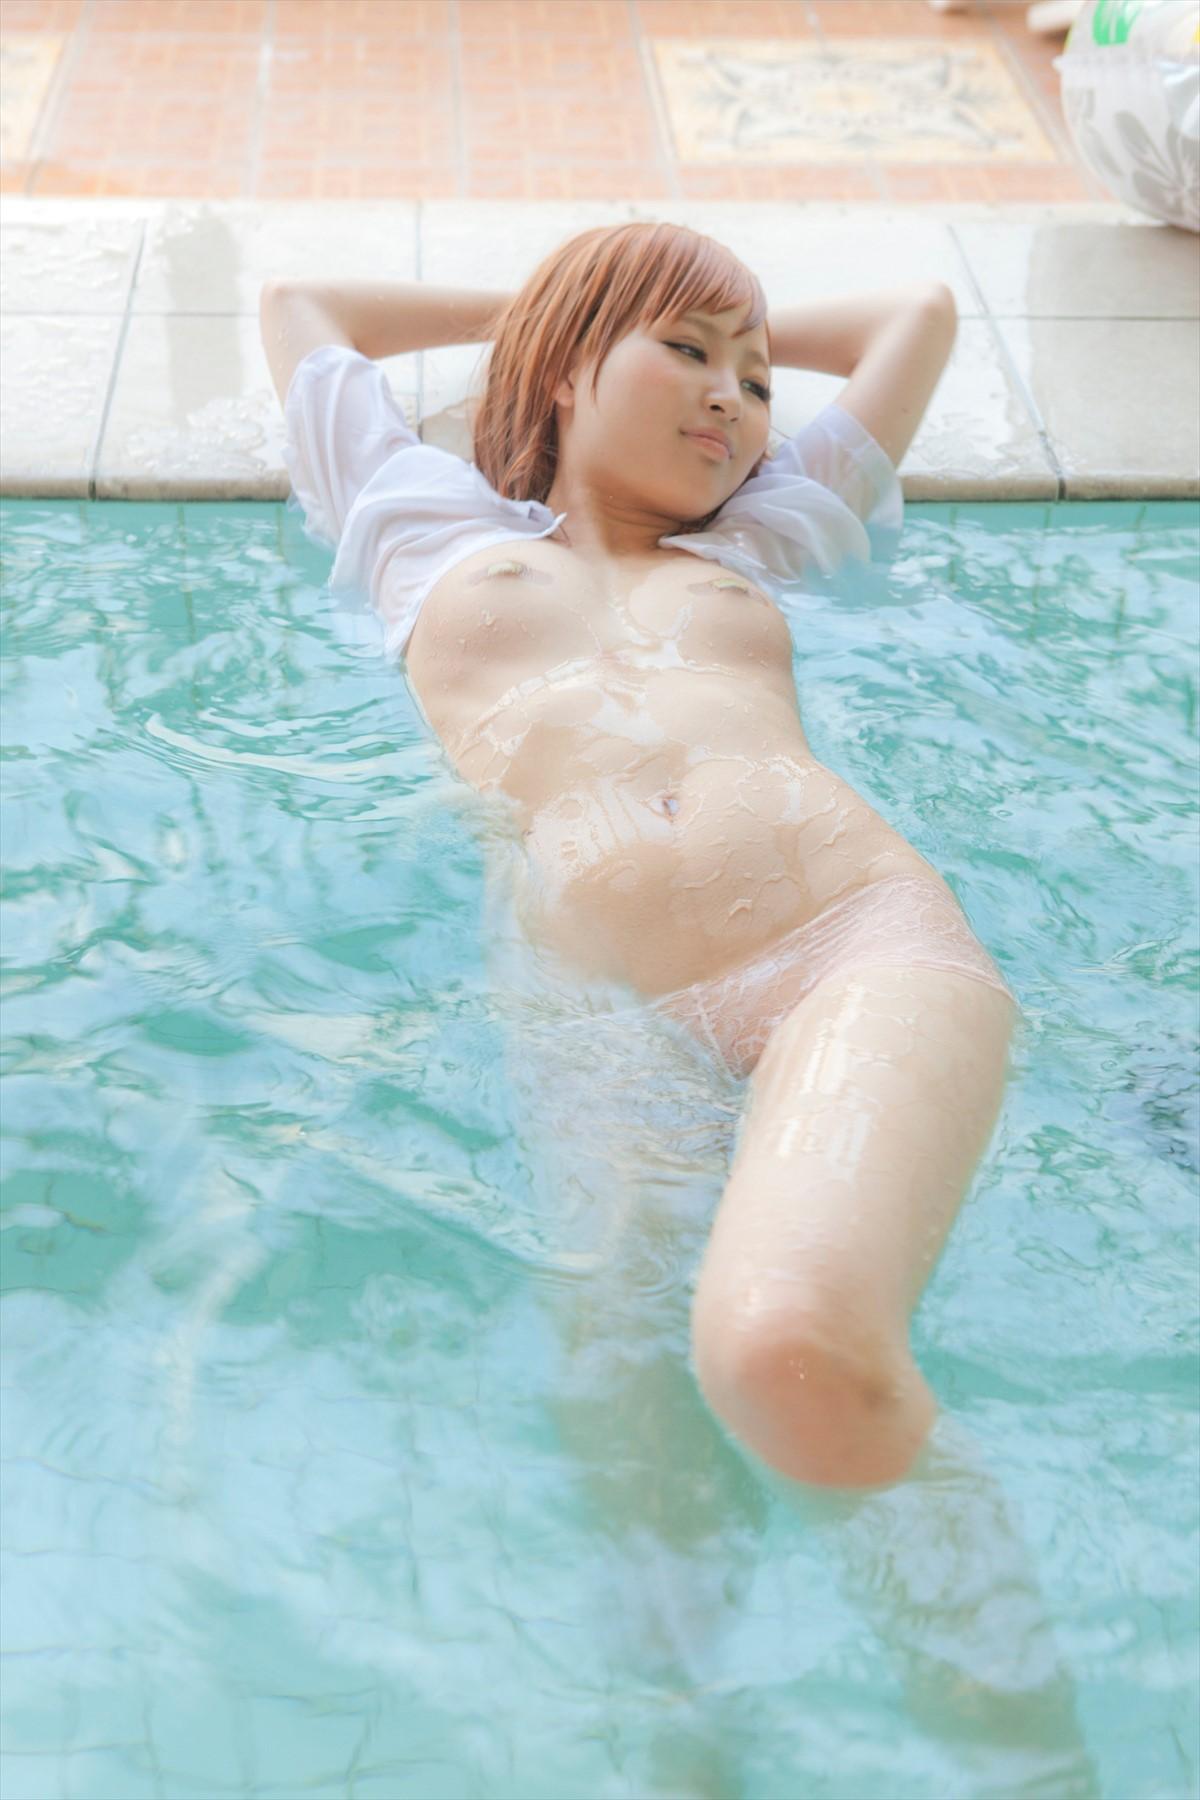 【着エロ画像】剥がしたら何出て来る?絆創膏で封じられた女体(;゚Д゚)